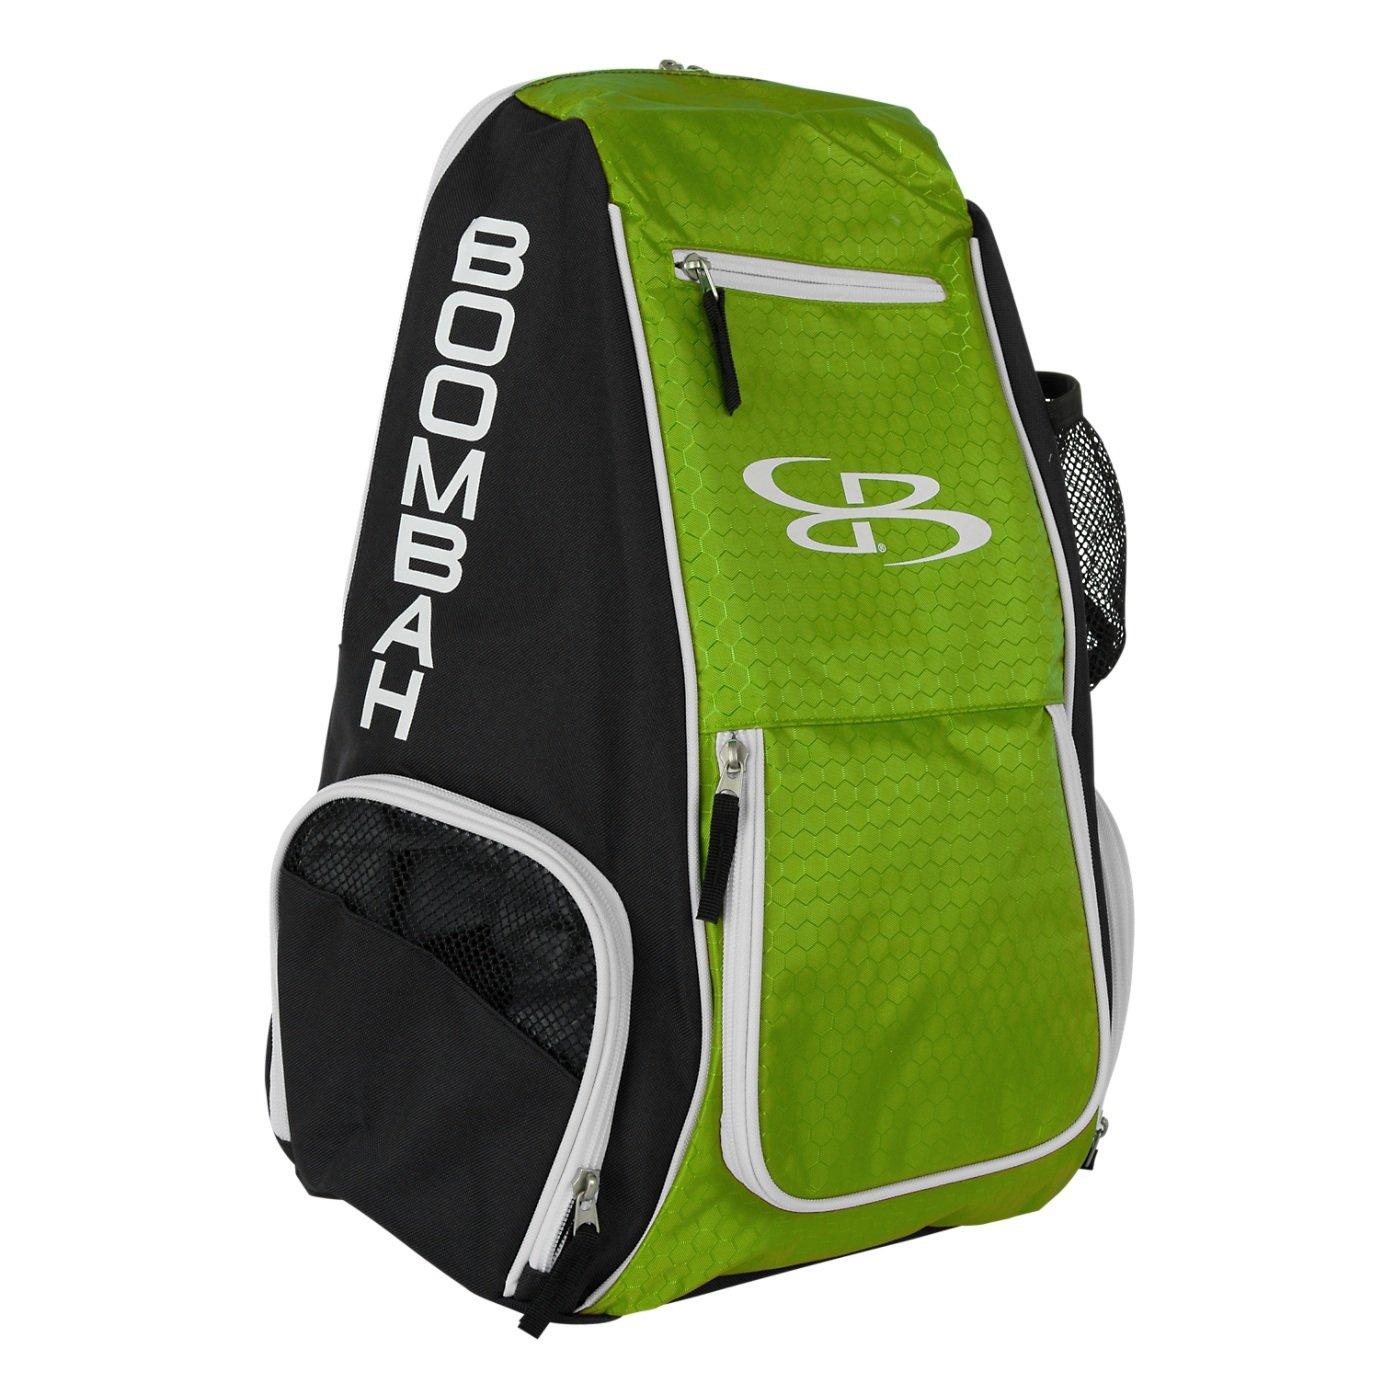 Boombahスパイクバレーボールバックパック – 10カラーオプション – Holdsボール、靴、水ボトルand More B01MXRSMZ4 ブラック/ライムグリーン ブラック/ライムグリーン